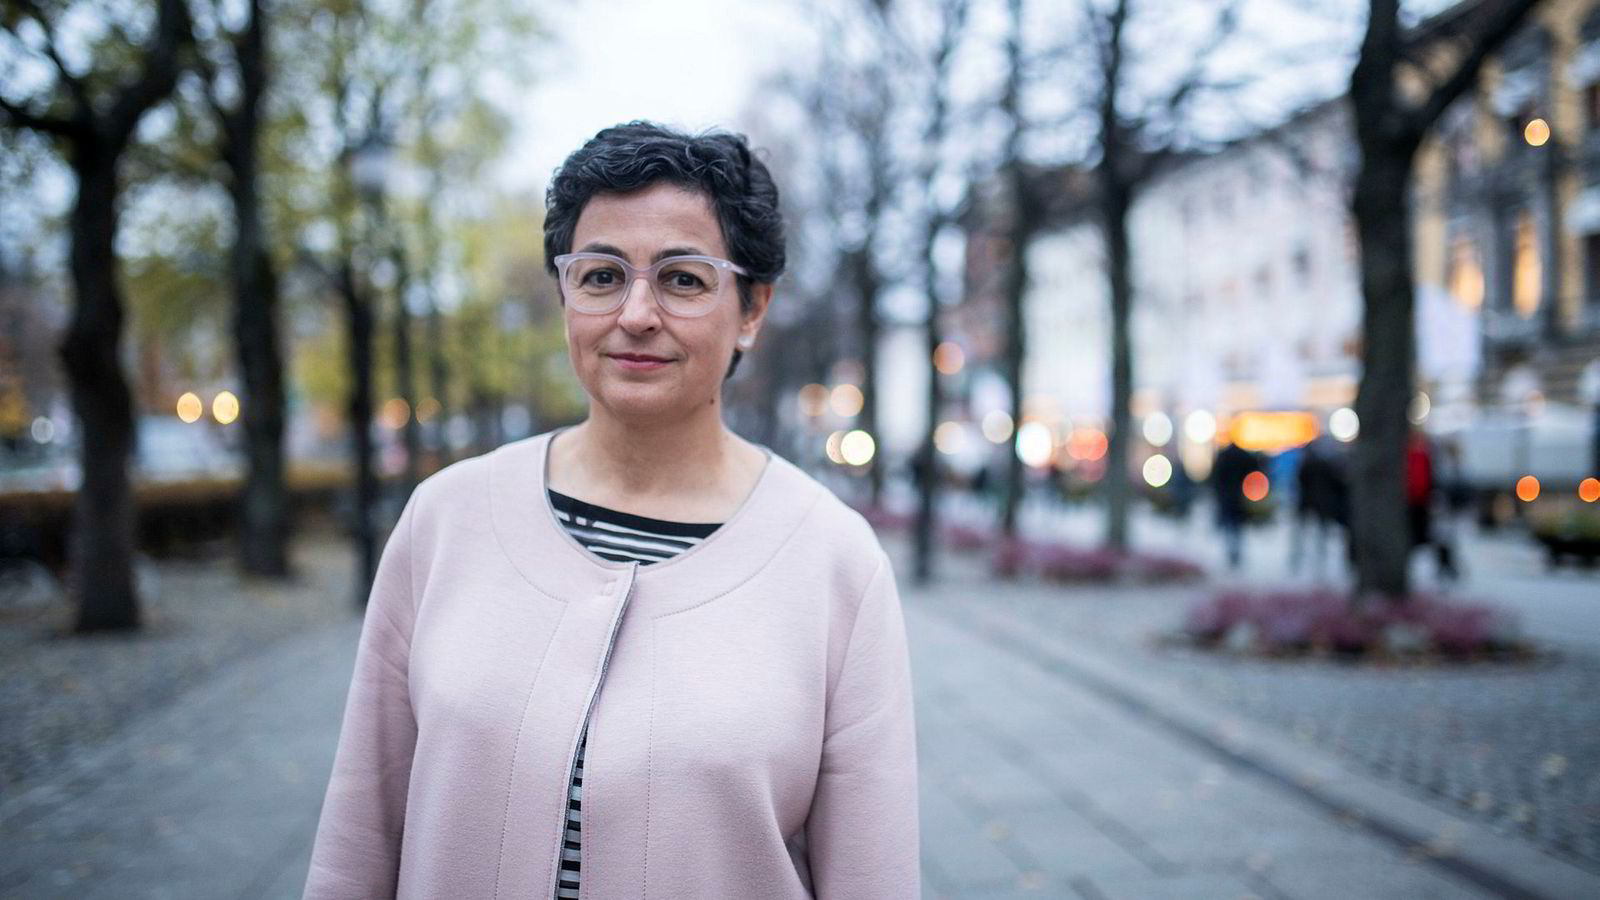 Arancha González, direktør for International Trade Centre, sier tiden renner ut for handelskrigen. Hun mener WTO må ta lærdom av konflikten.